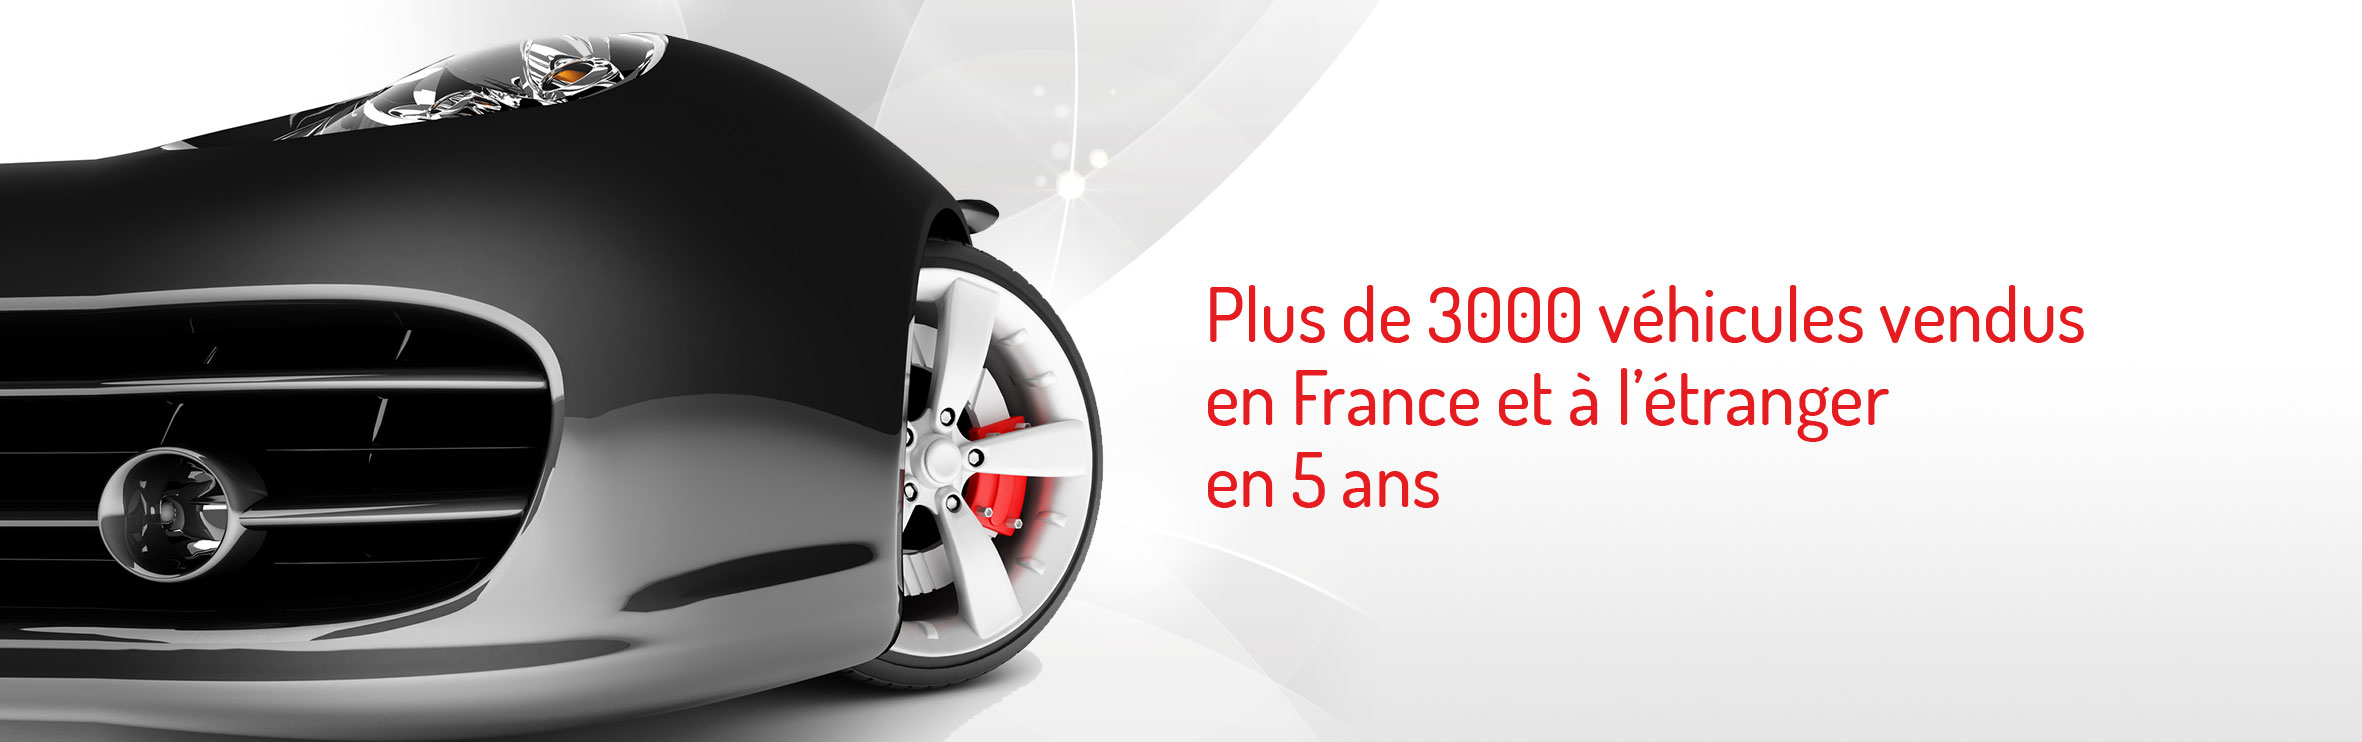 Plus de 3000 véhicules vendus en france et à l'etranger